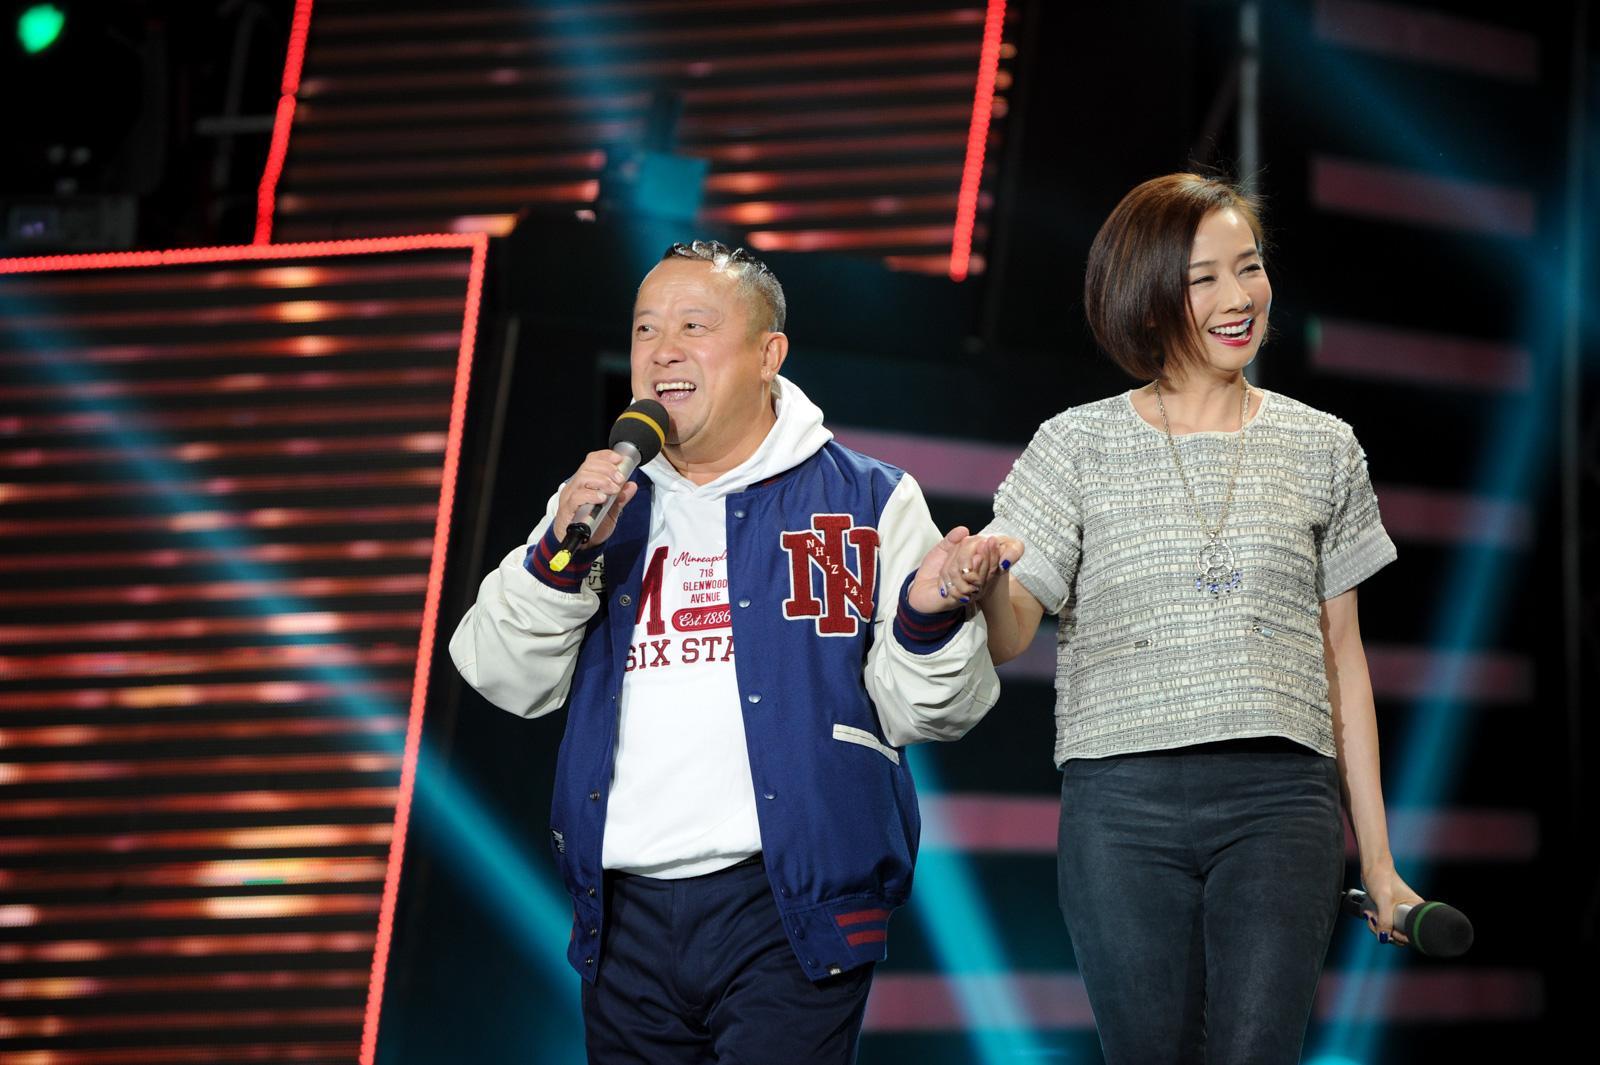 2017年4月8日电视台收视率排行榜,浙江卫视收视率超过湖南卫视